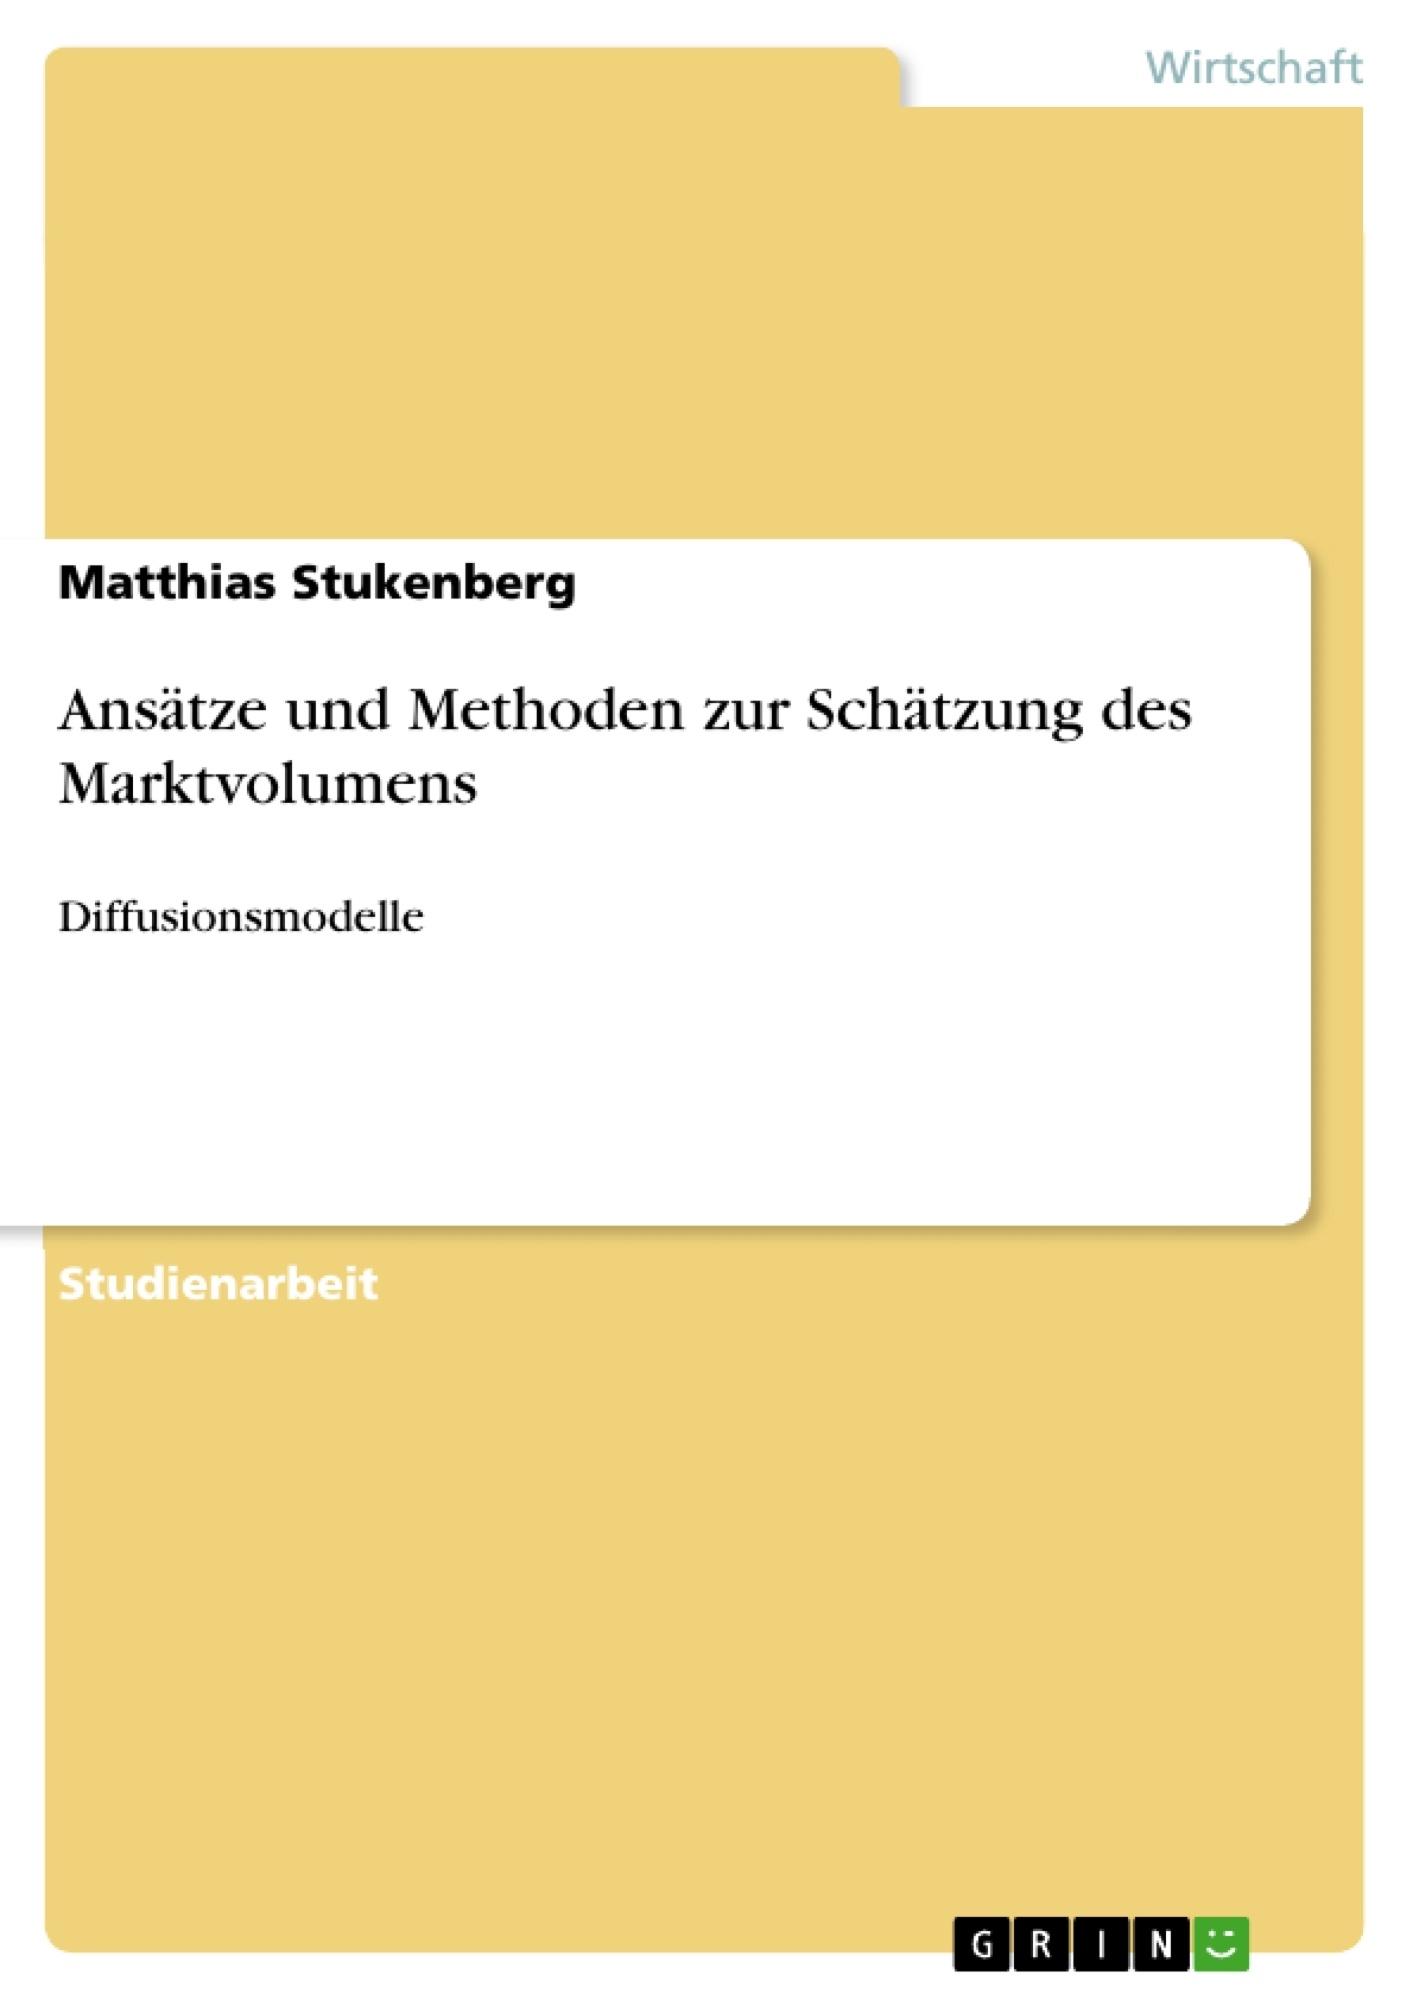 Titel: Ansätze und Methoden zur Schätzung des Marktvolumens